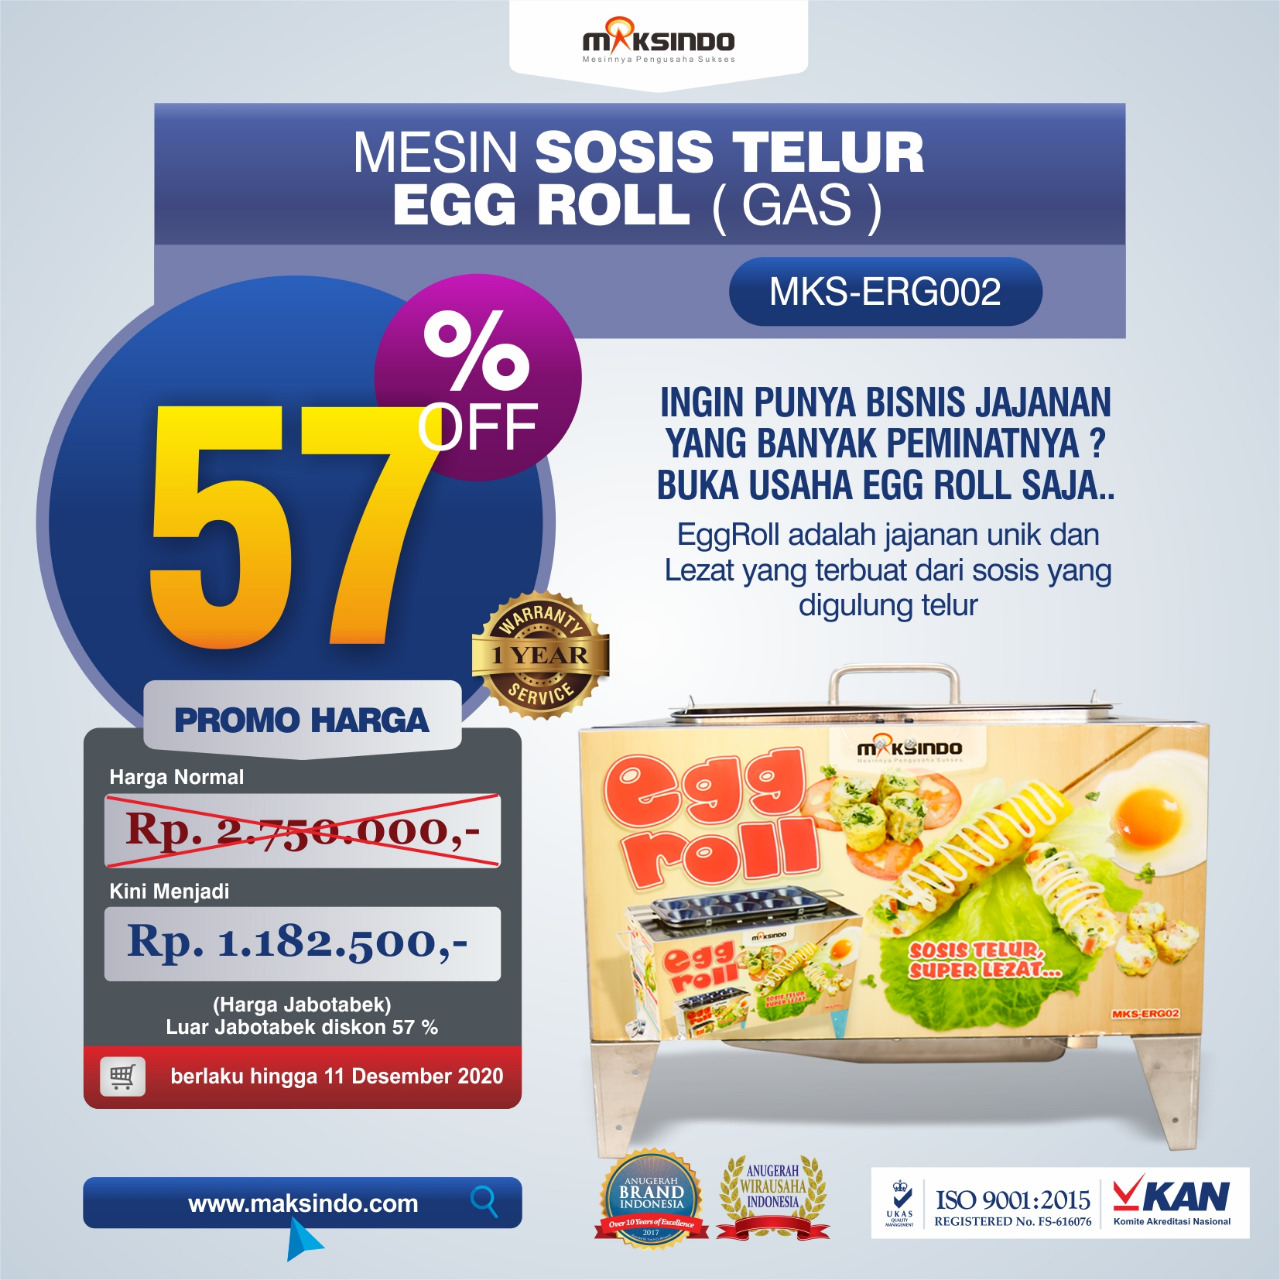 Jual Mesin Pembuat Egg Roll (Gas) MKS-ERG002 di Tangerang